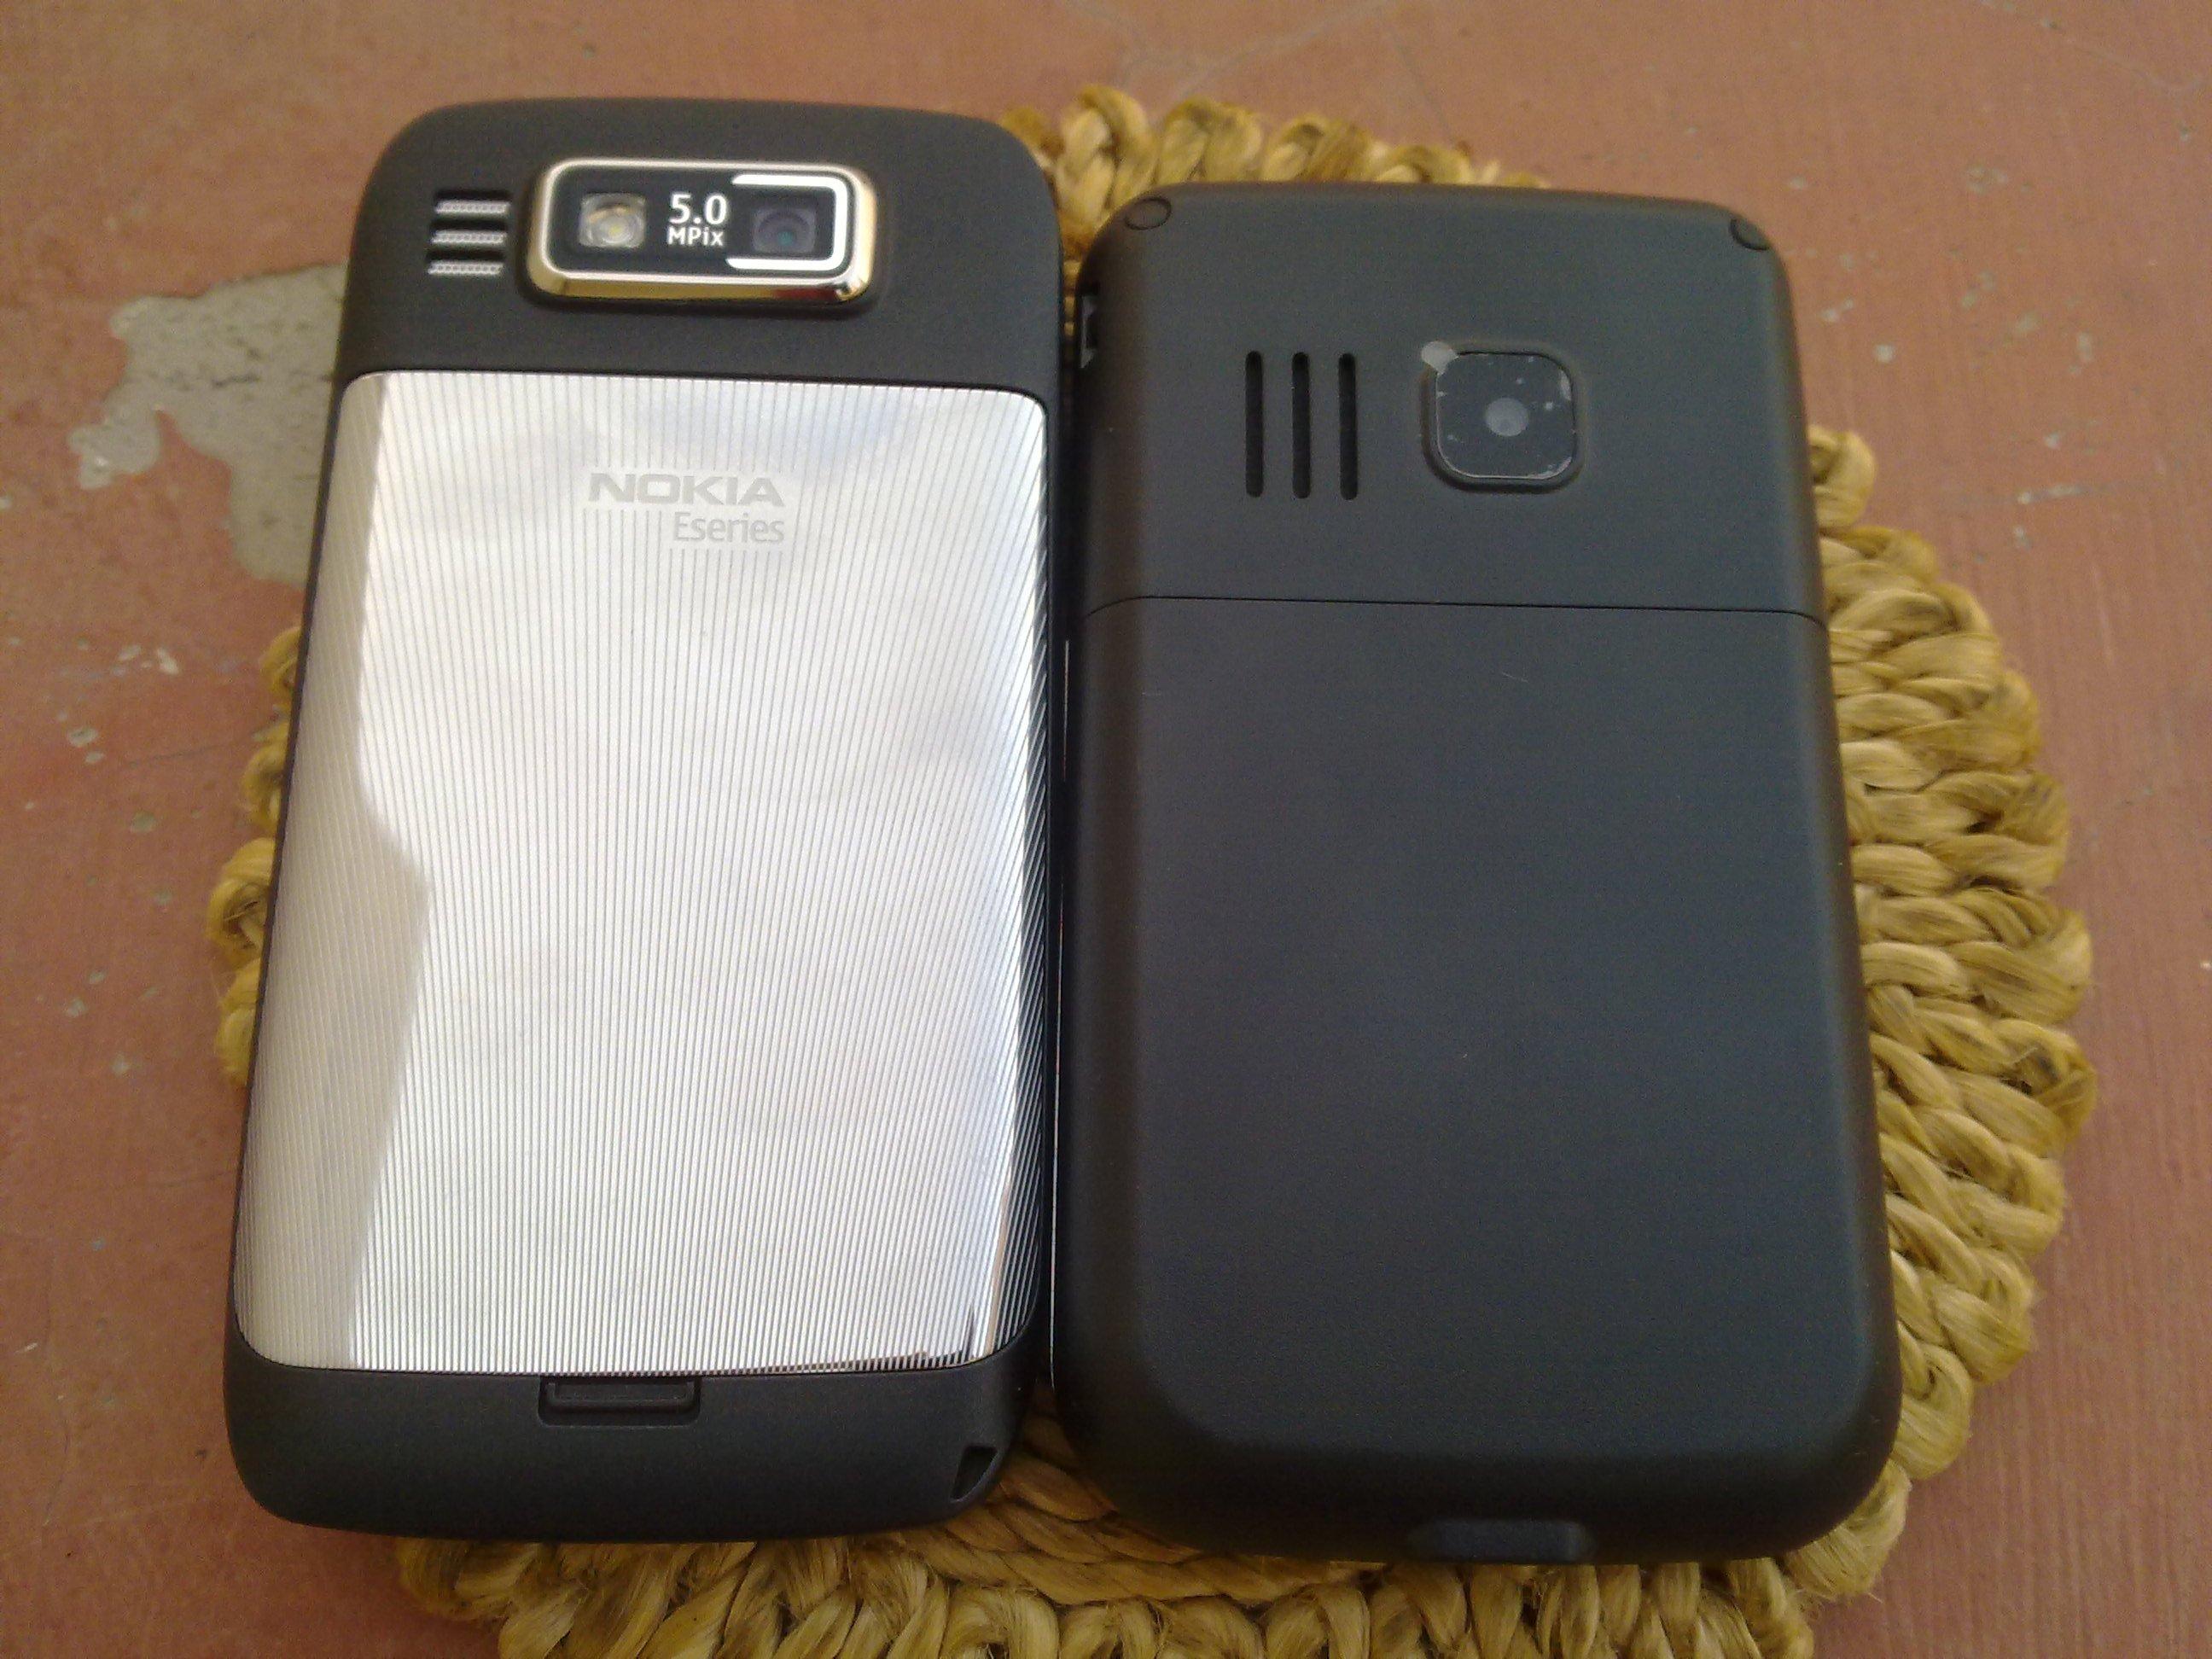 Nokia E72 Sim Card Size